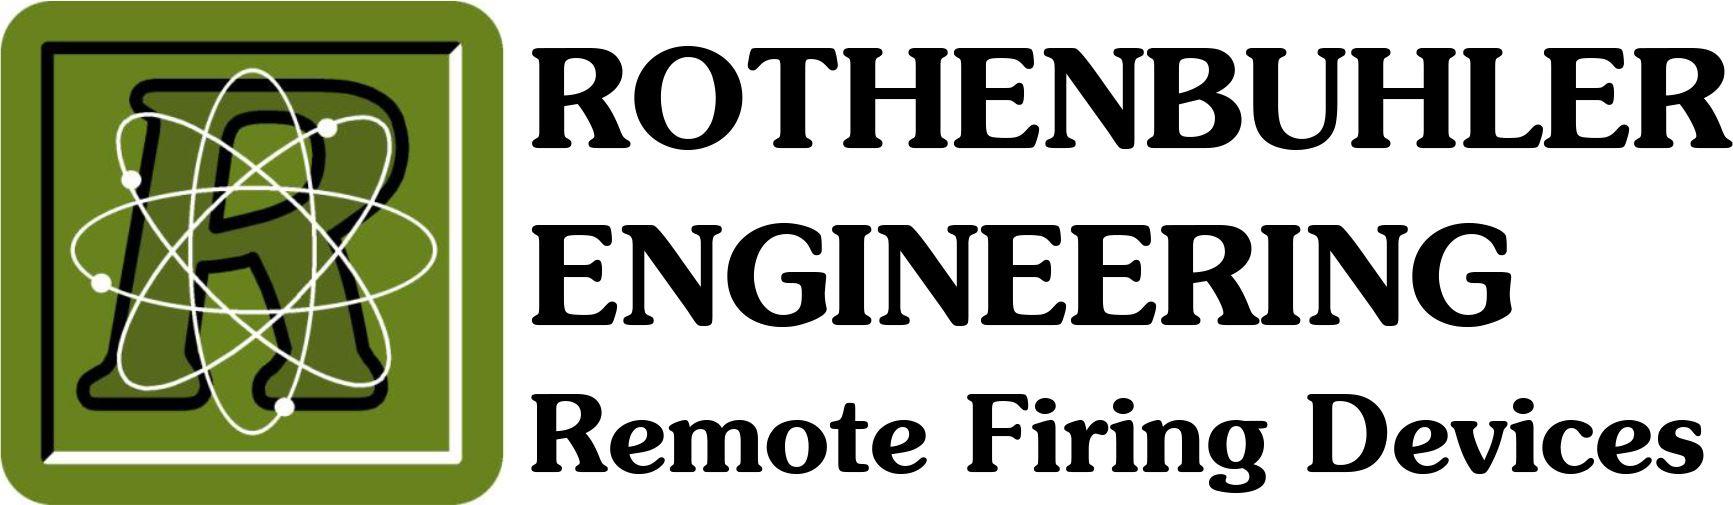 Rothenbuhler Logo